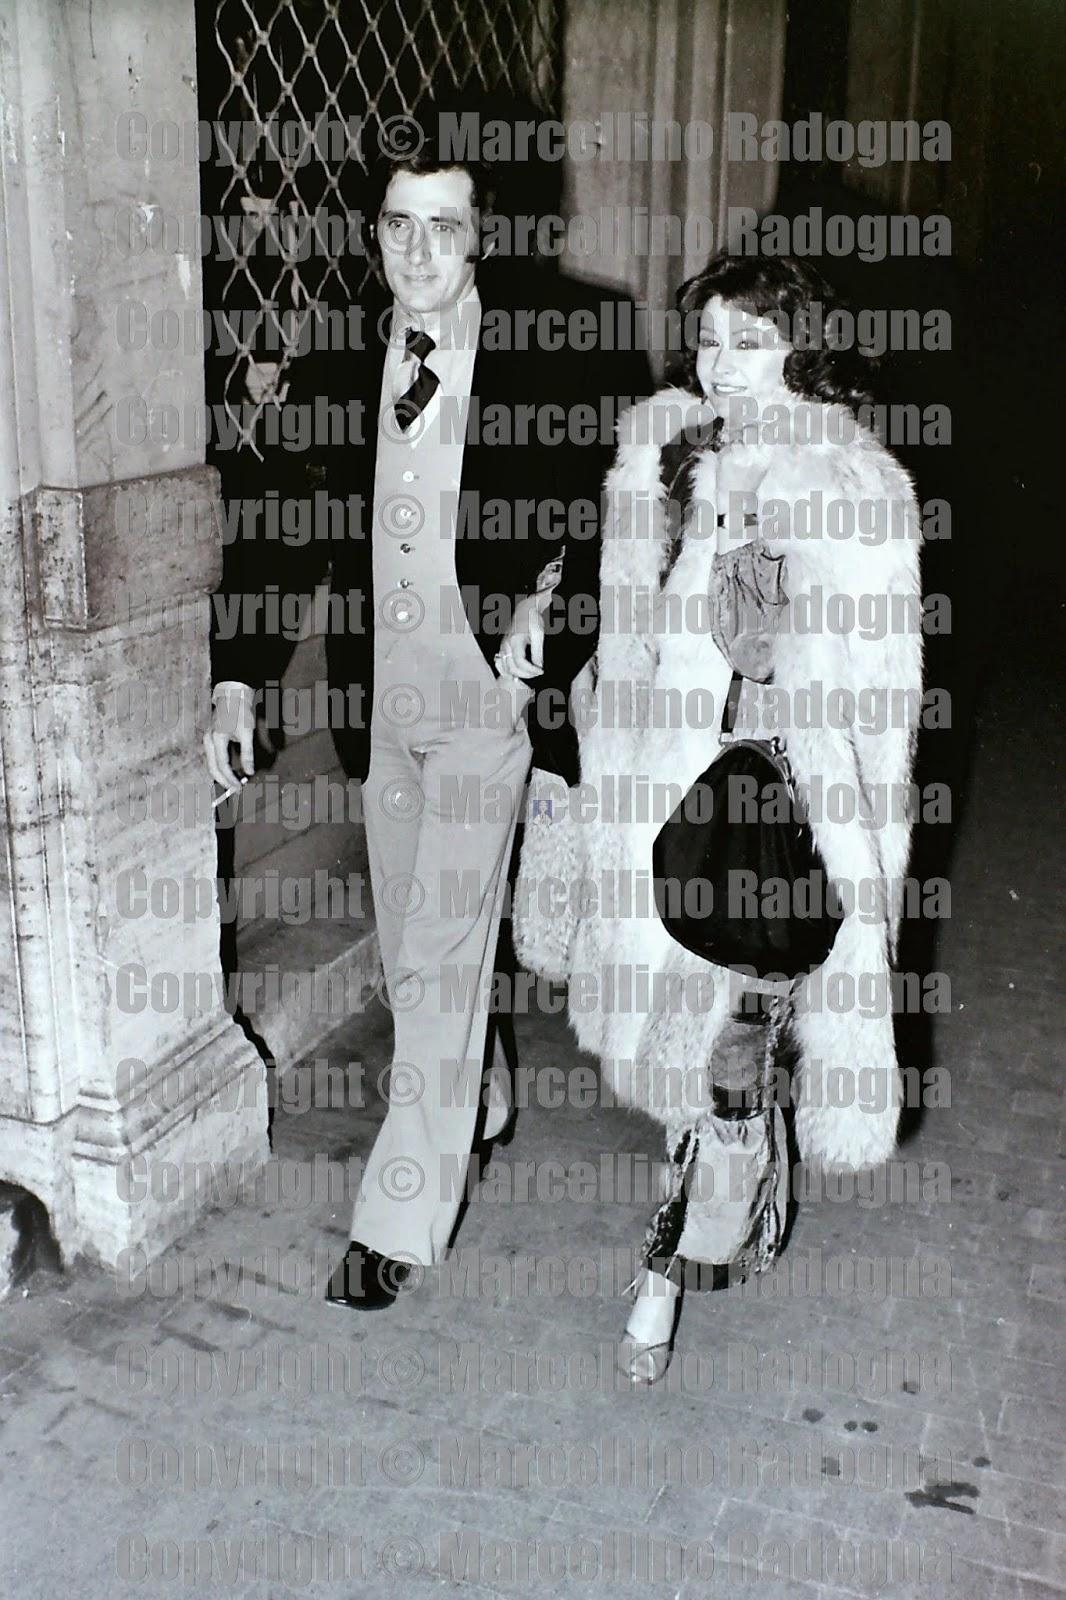 Marcellino Radogna - Fotonotizie per la stampa: Paola Quattrini e il marito  Luciano Appignani